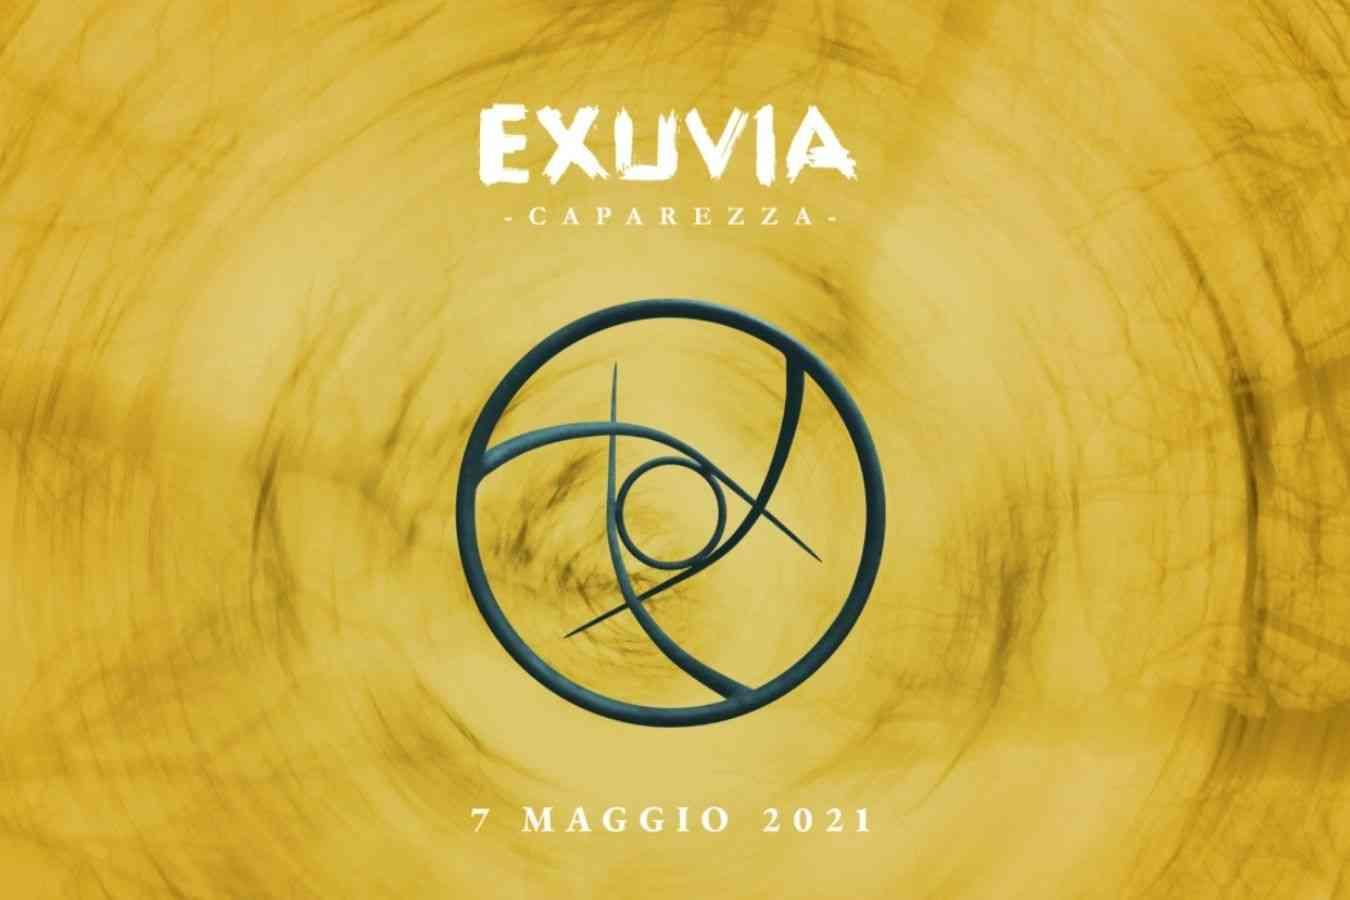 Exuvia, il nuovo disco di Caparezza